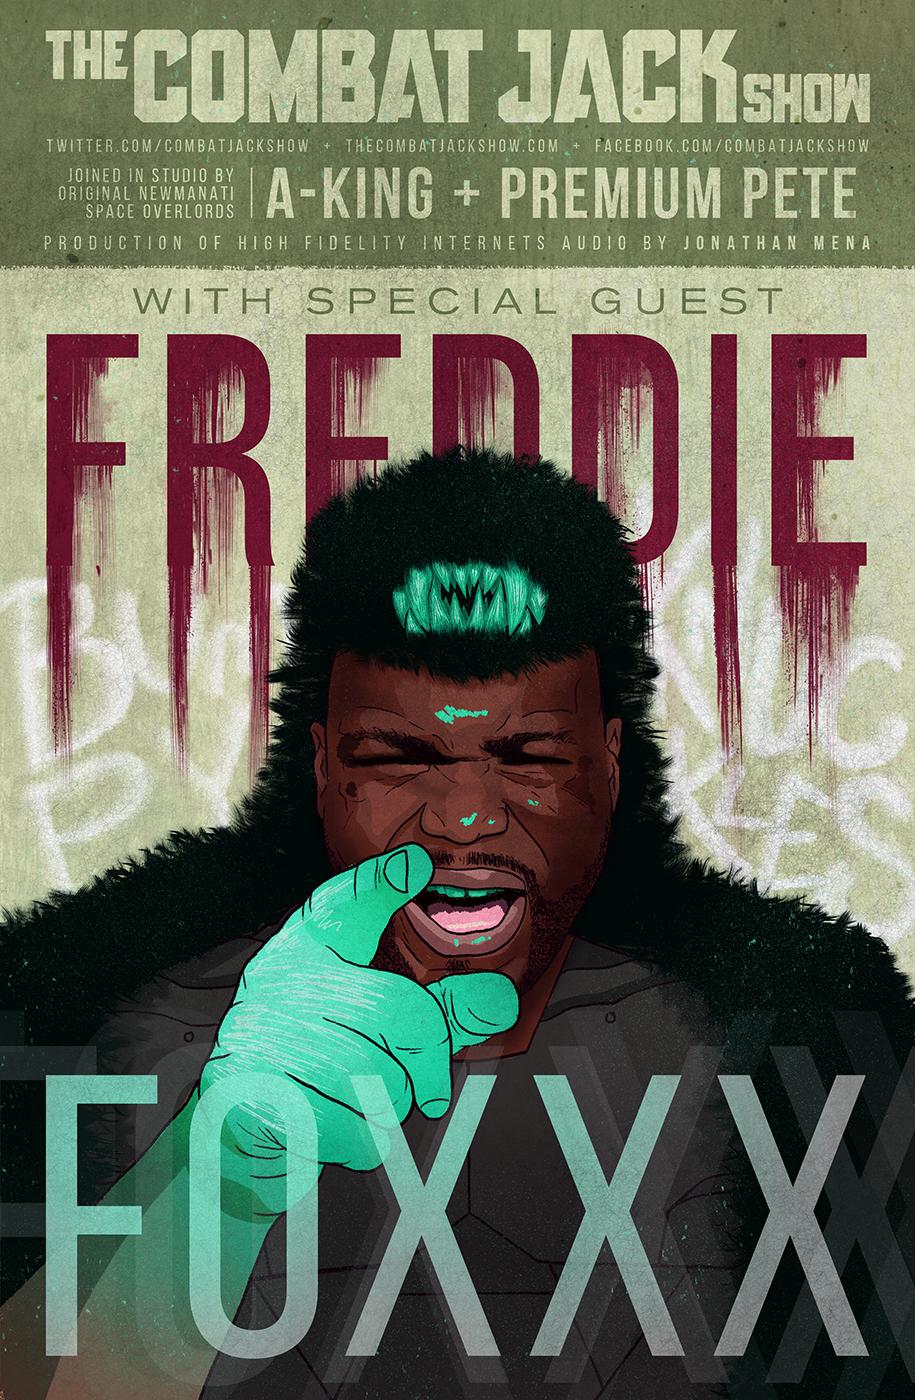 The Combat Jack Show: Freddie Foxxx